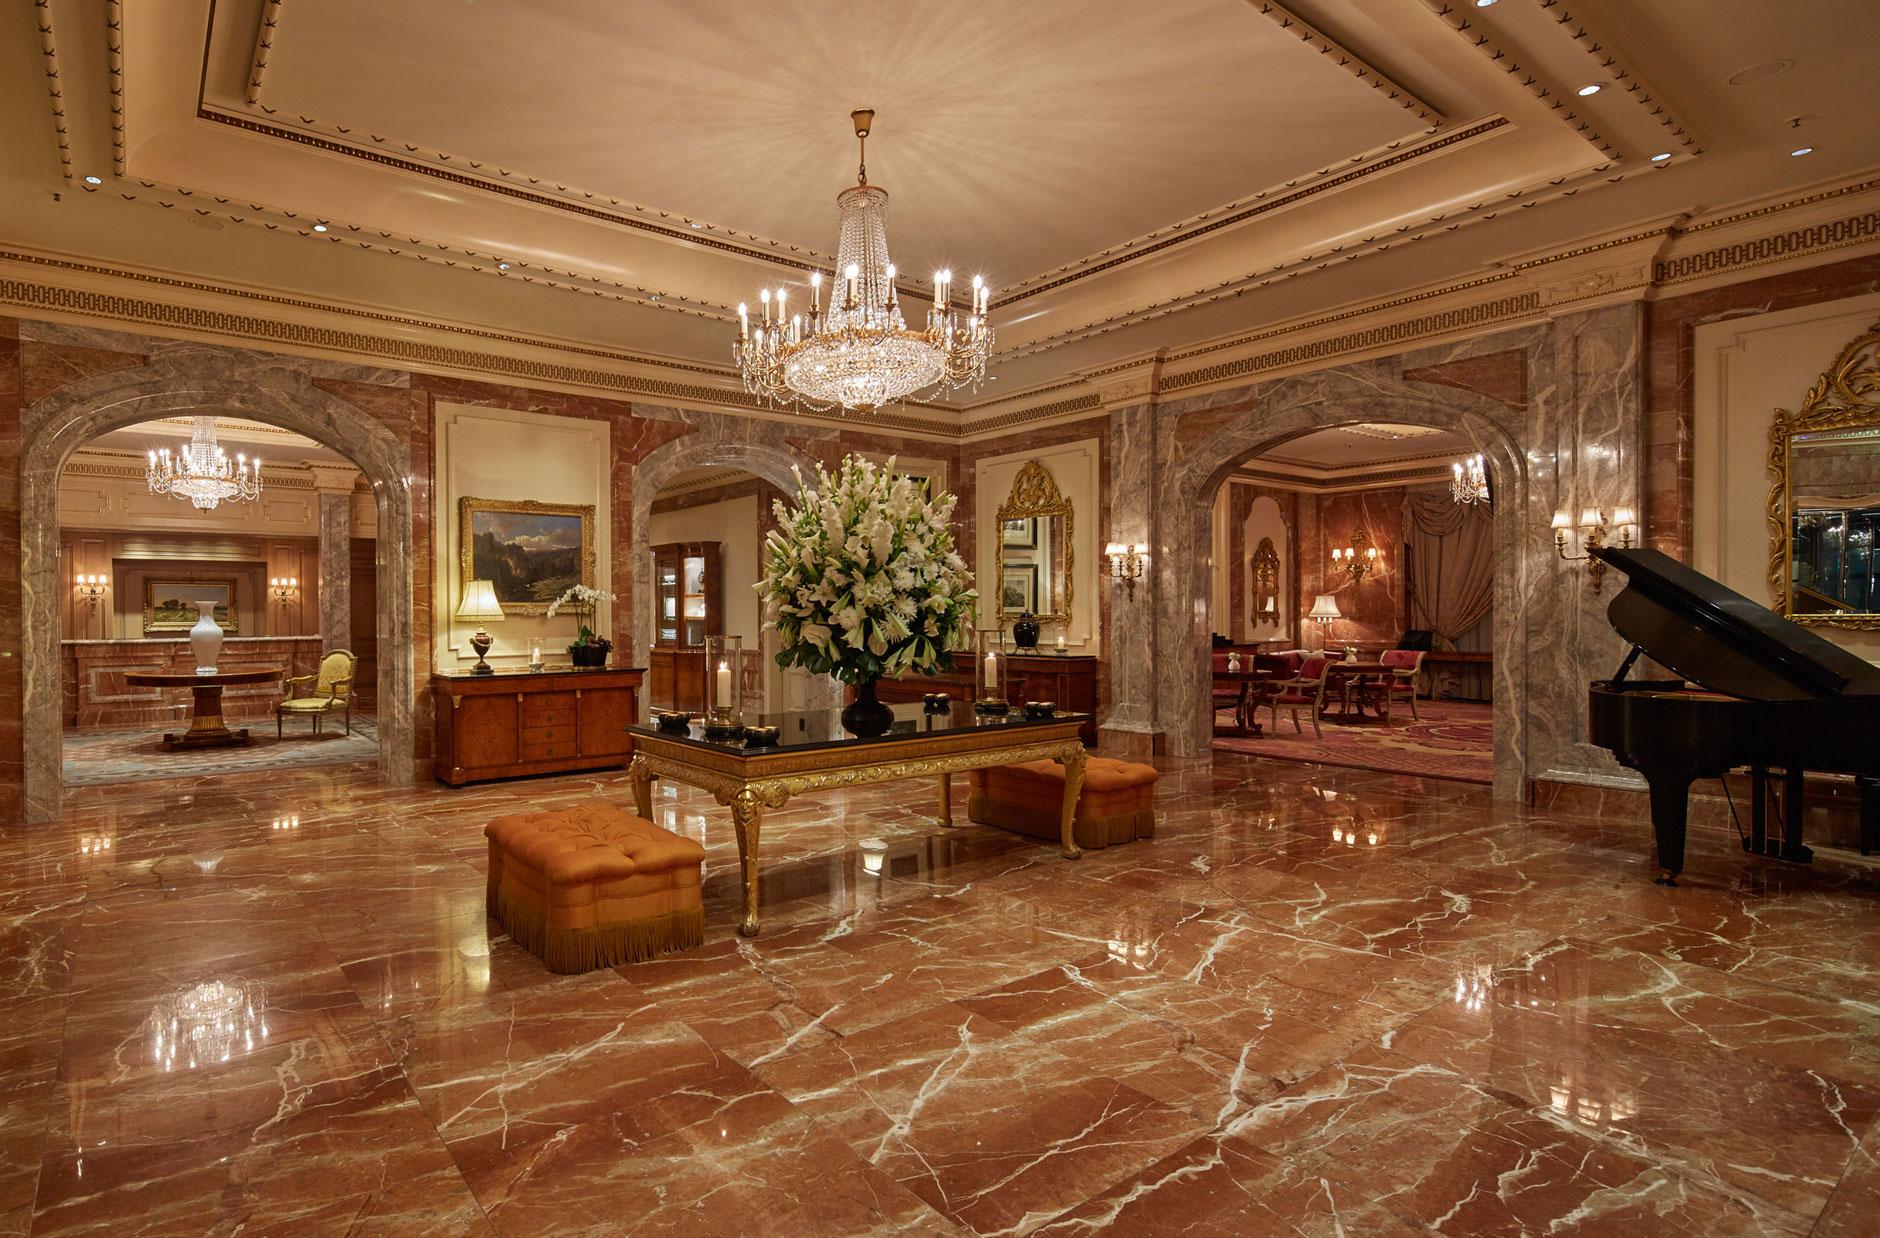 Decoração clássica e linhas sóbrias são a marca registrada dos hotéis Regent